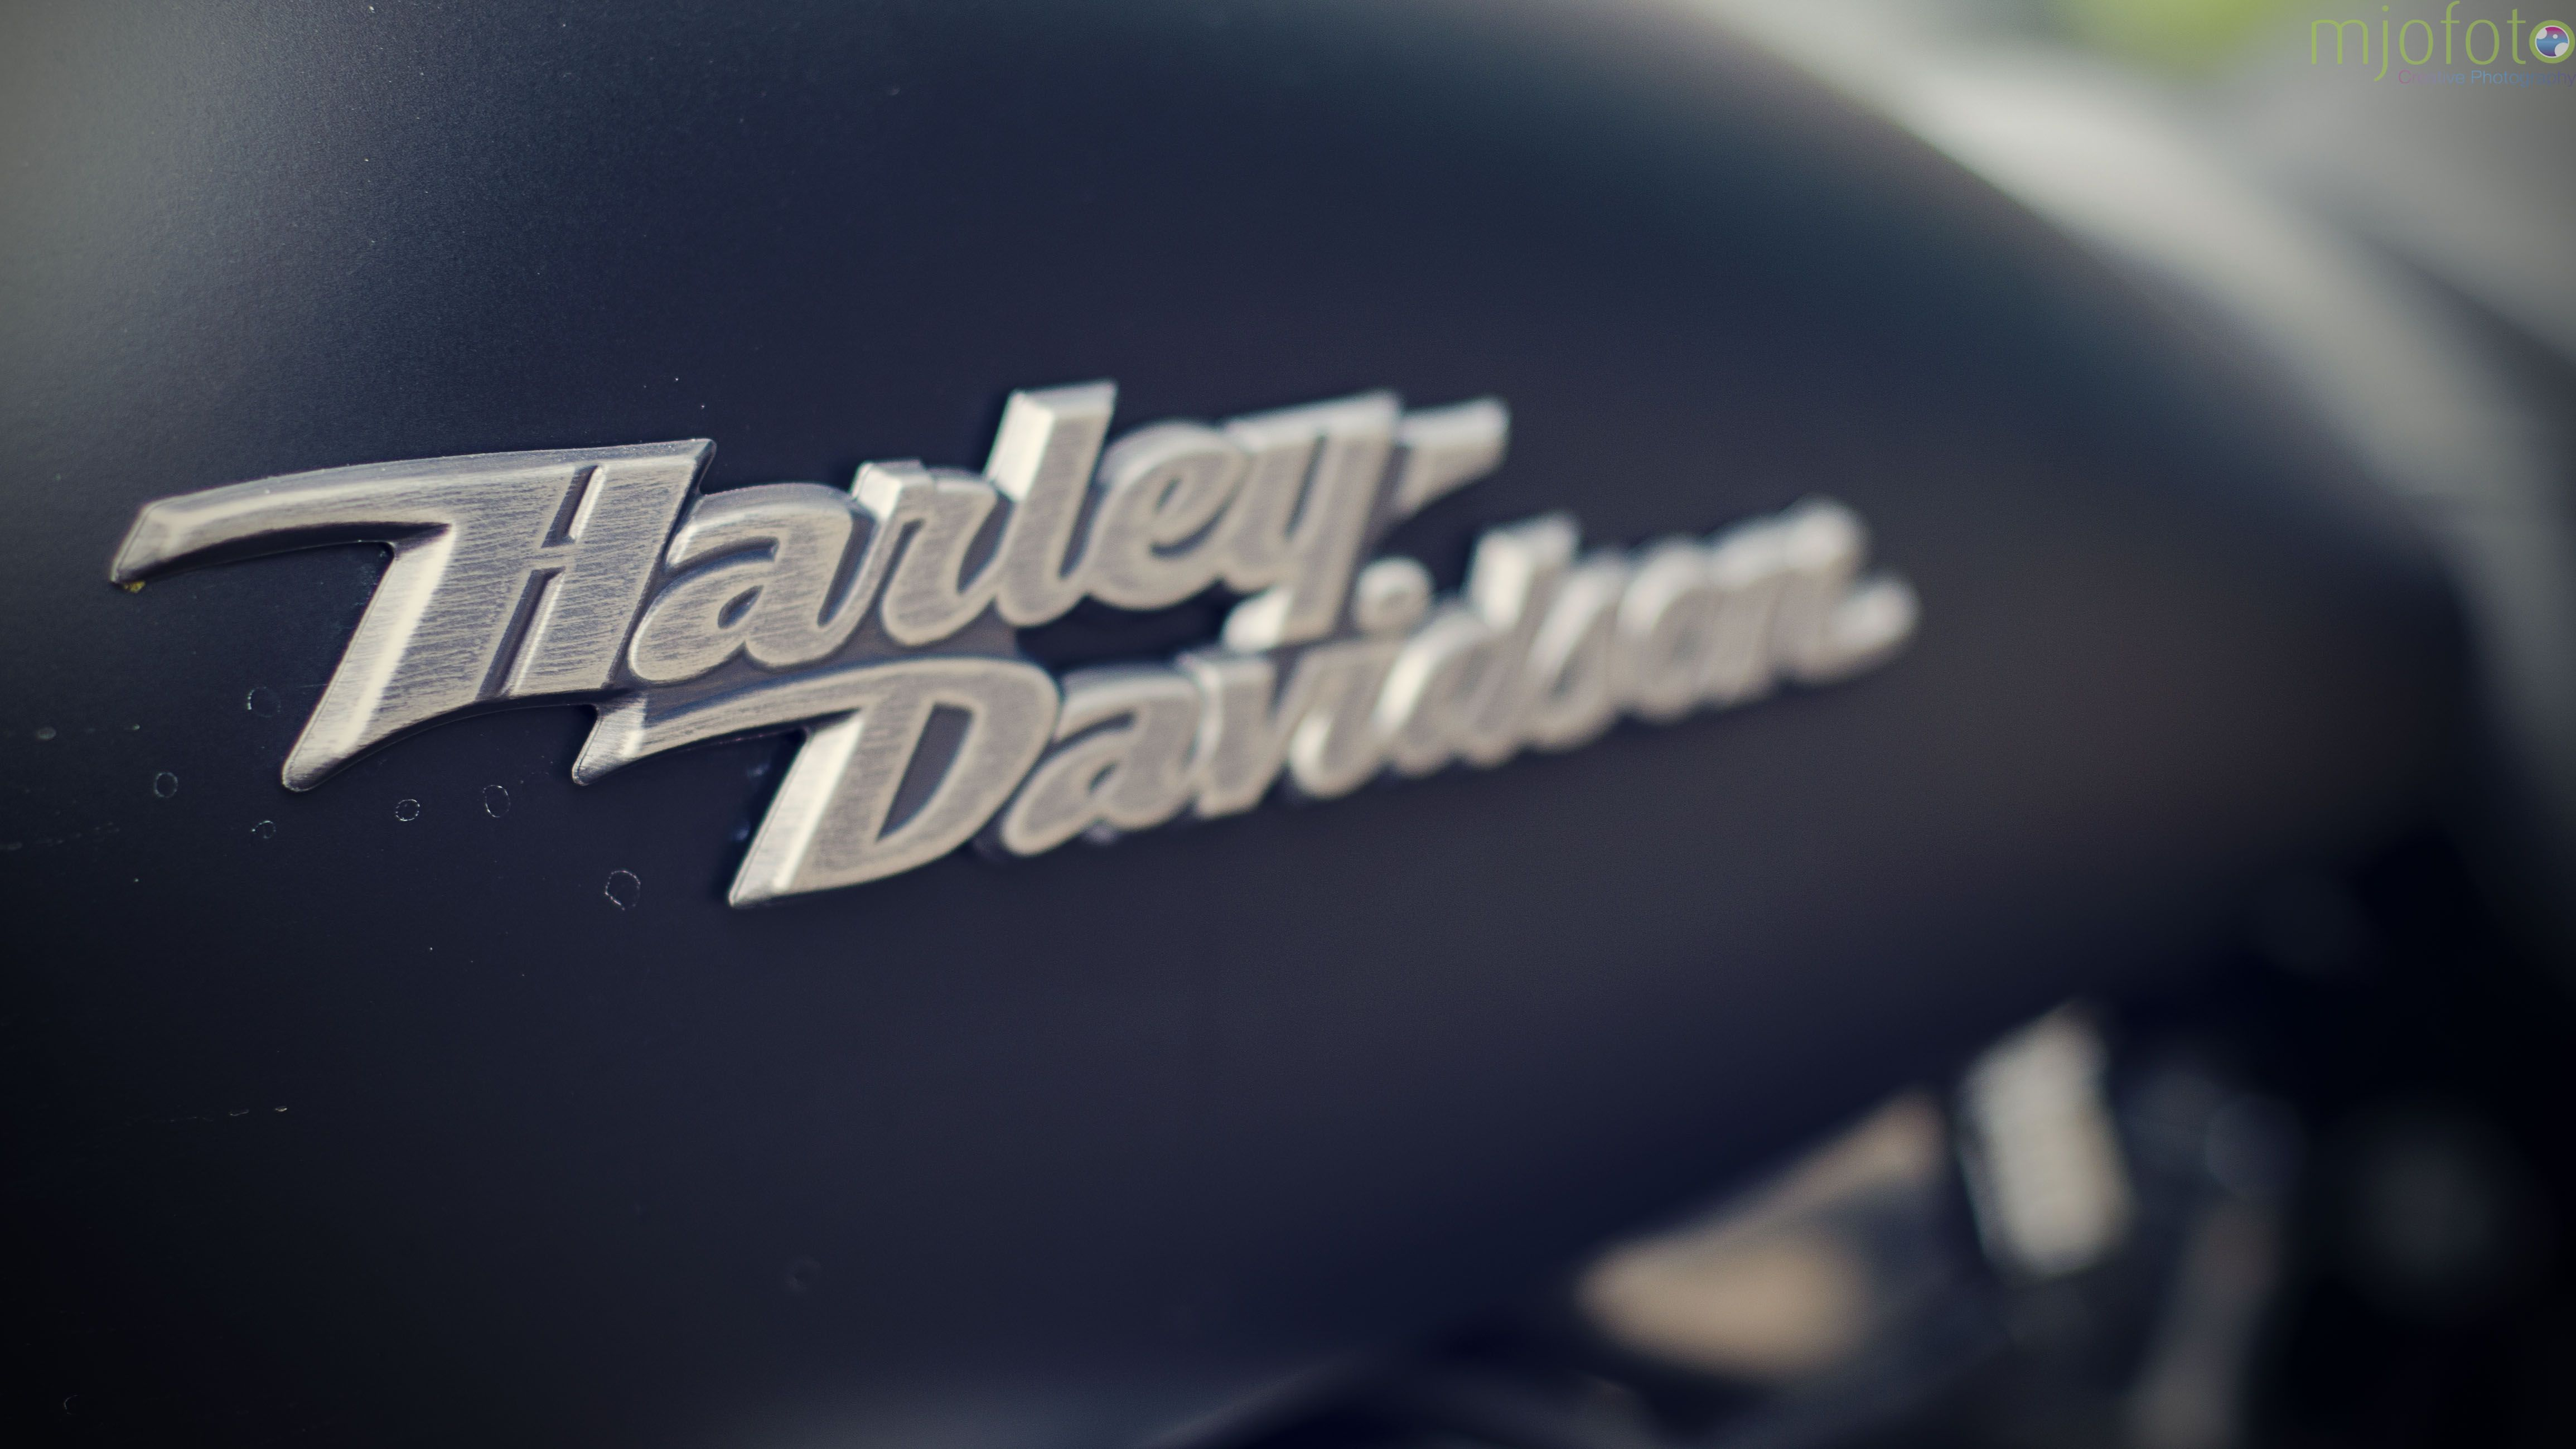 Matt Black Tank on a Harley